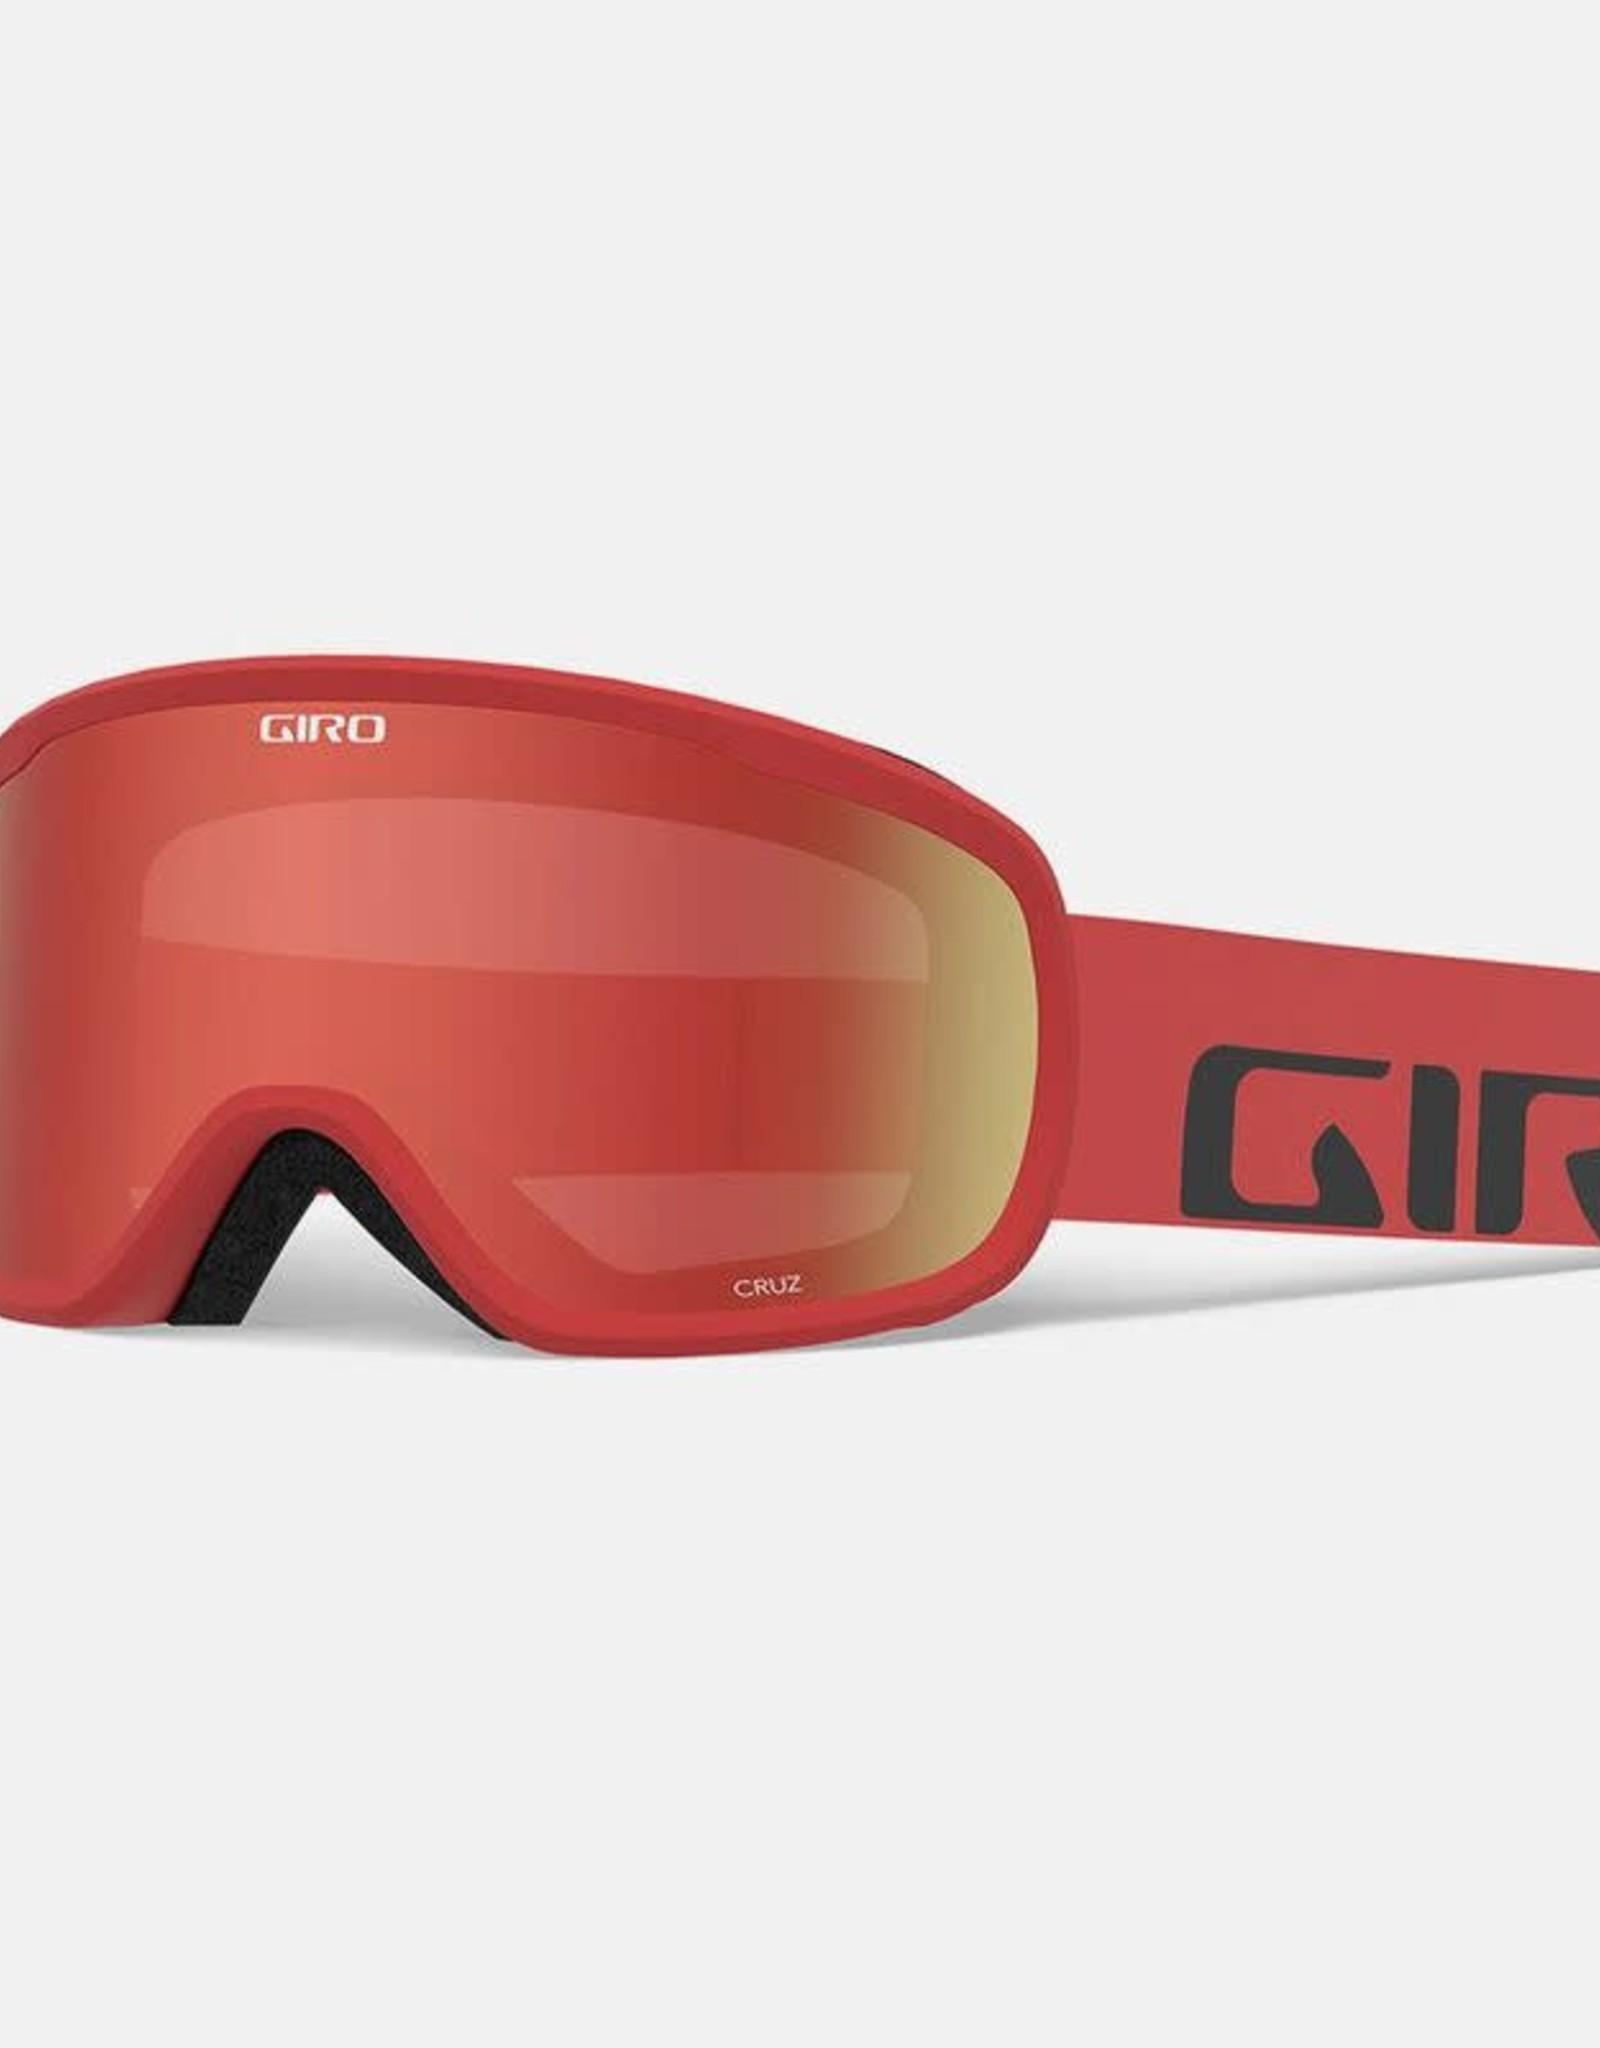 Giro - CRUZ Goggle - Red Woodmark w/ Amber Scarlet